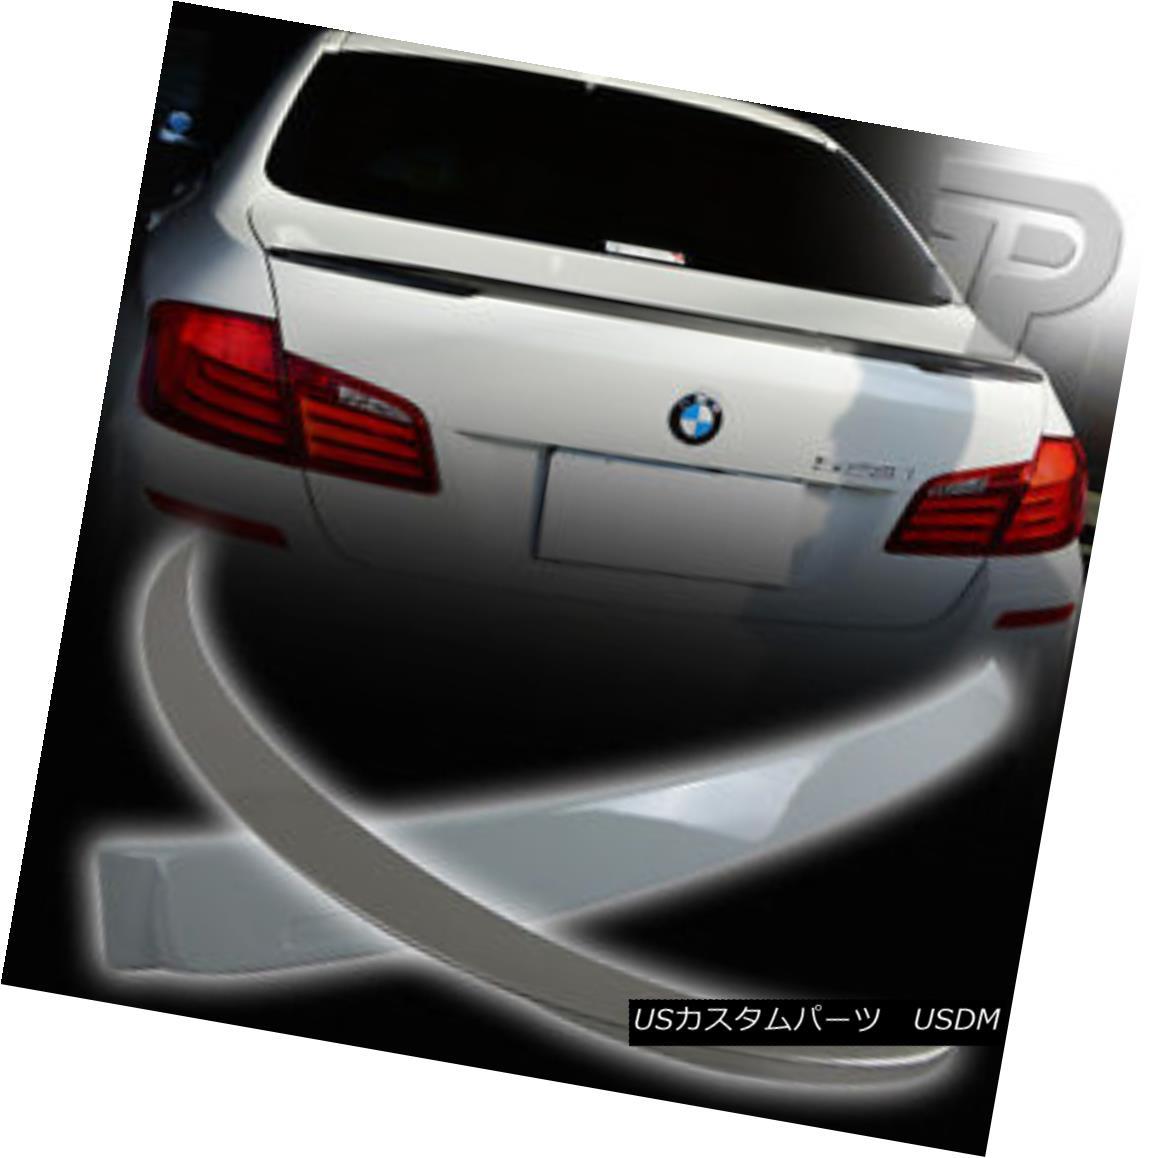 エアロパーツ PAINTED BMW F10 SEDAN REAR A ROOF & BOOT TRUNK SPOILER P PERFORMANCE TYPE ▼ 塗装済みBMW F10セダンリアアールーフ& BOOT TRUNK SPOILER P PERFORMANCE TYPE?